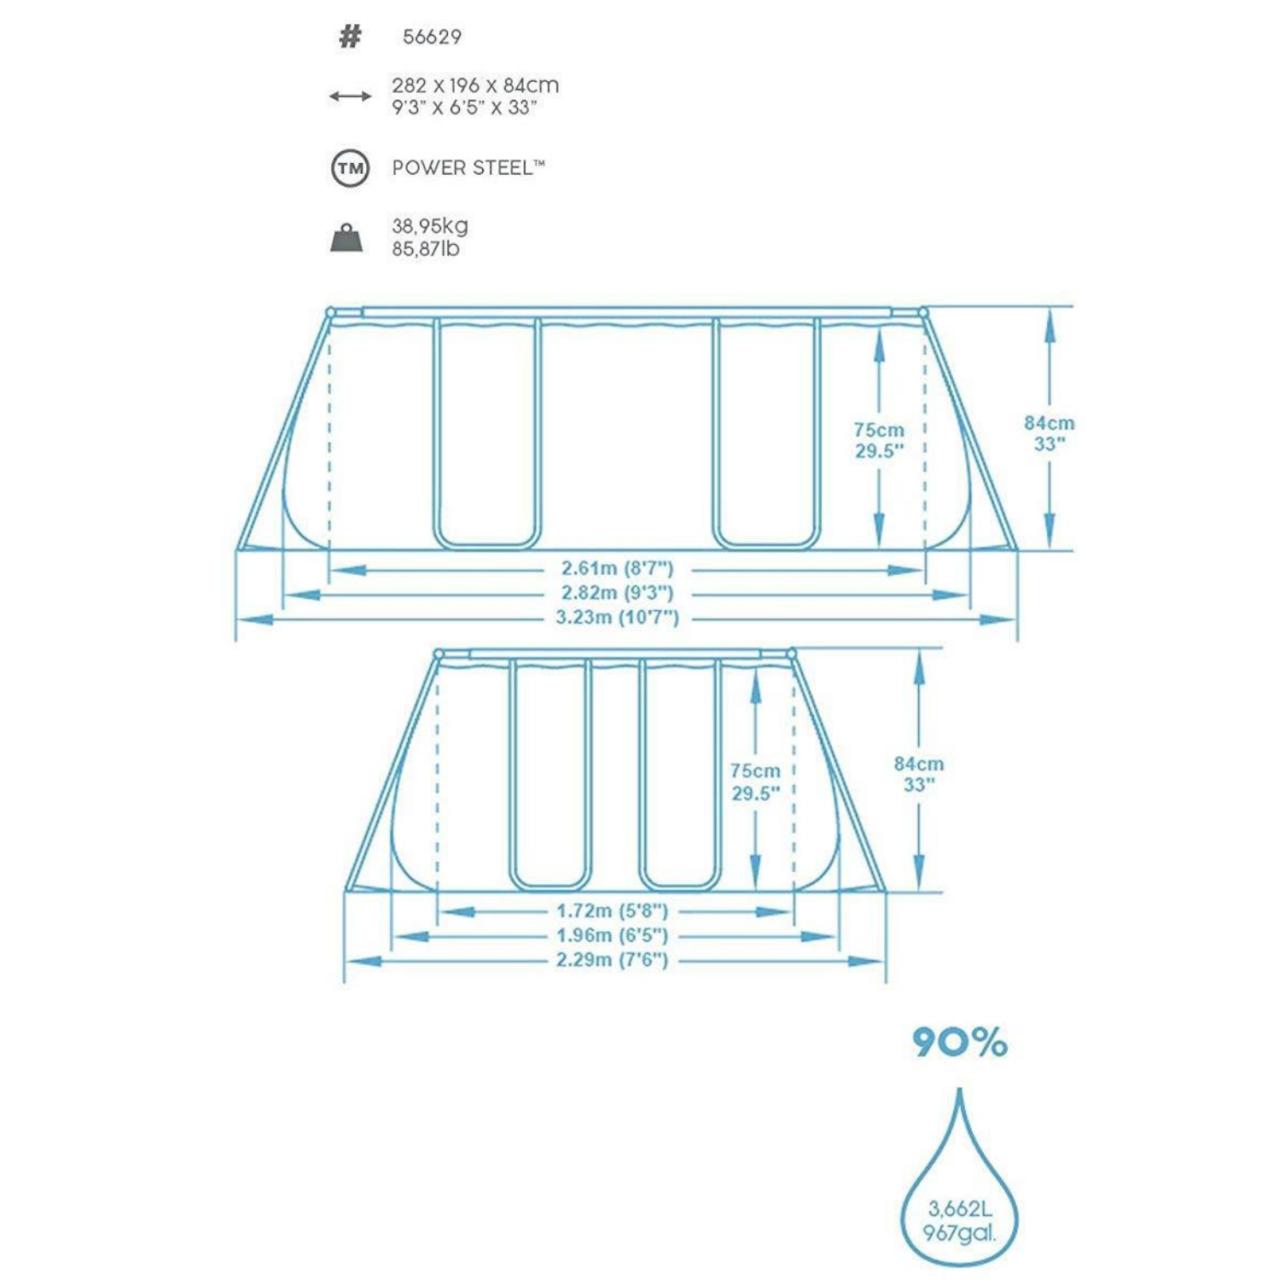 Bestway 56629 Frame Pool Schwimmbad mit Filterpumpe 282x196x84 cm rechteckig